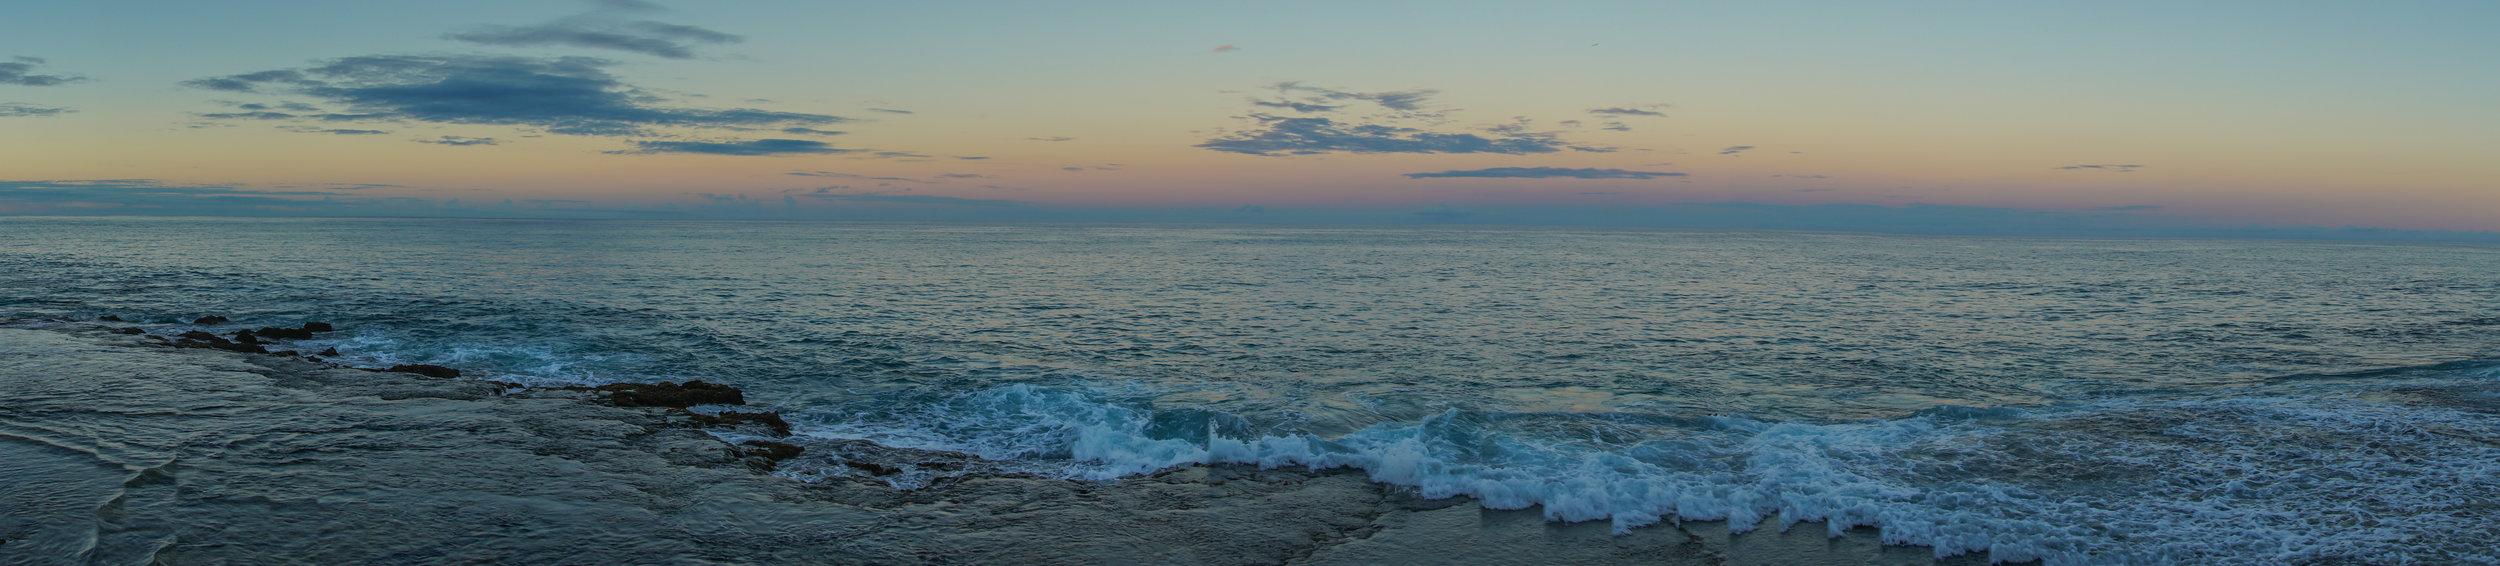 peaceful-sunrise.jpg